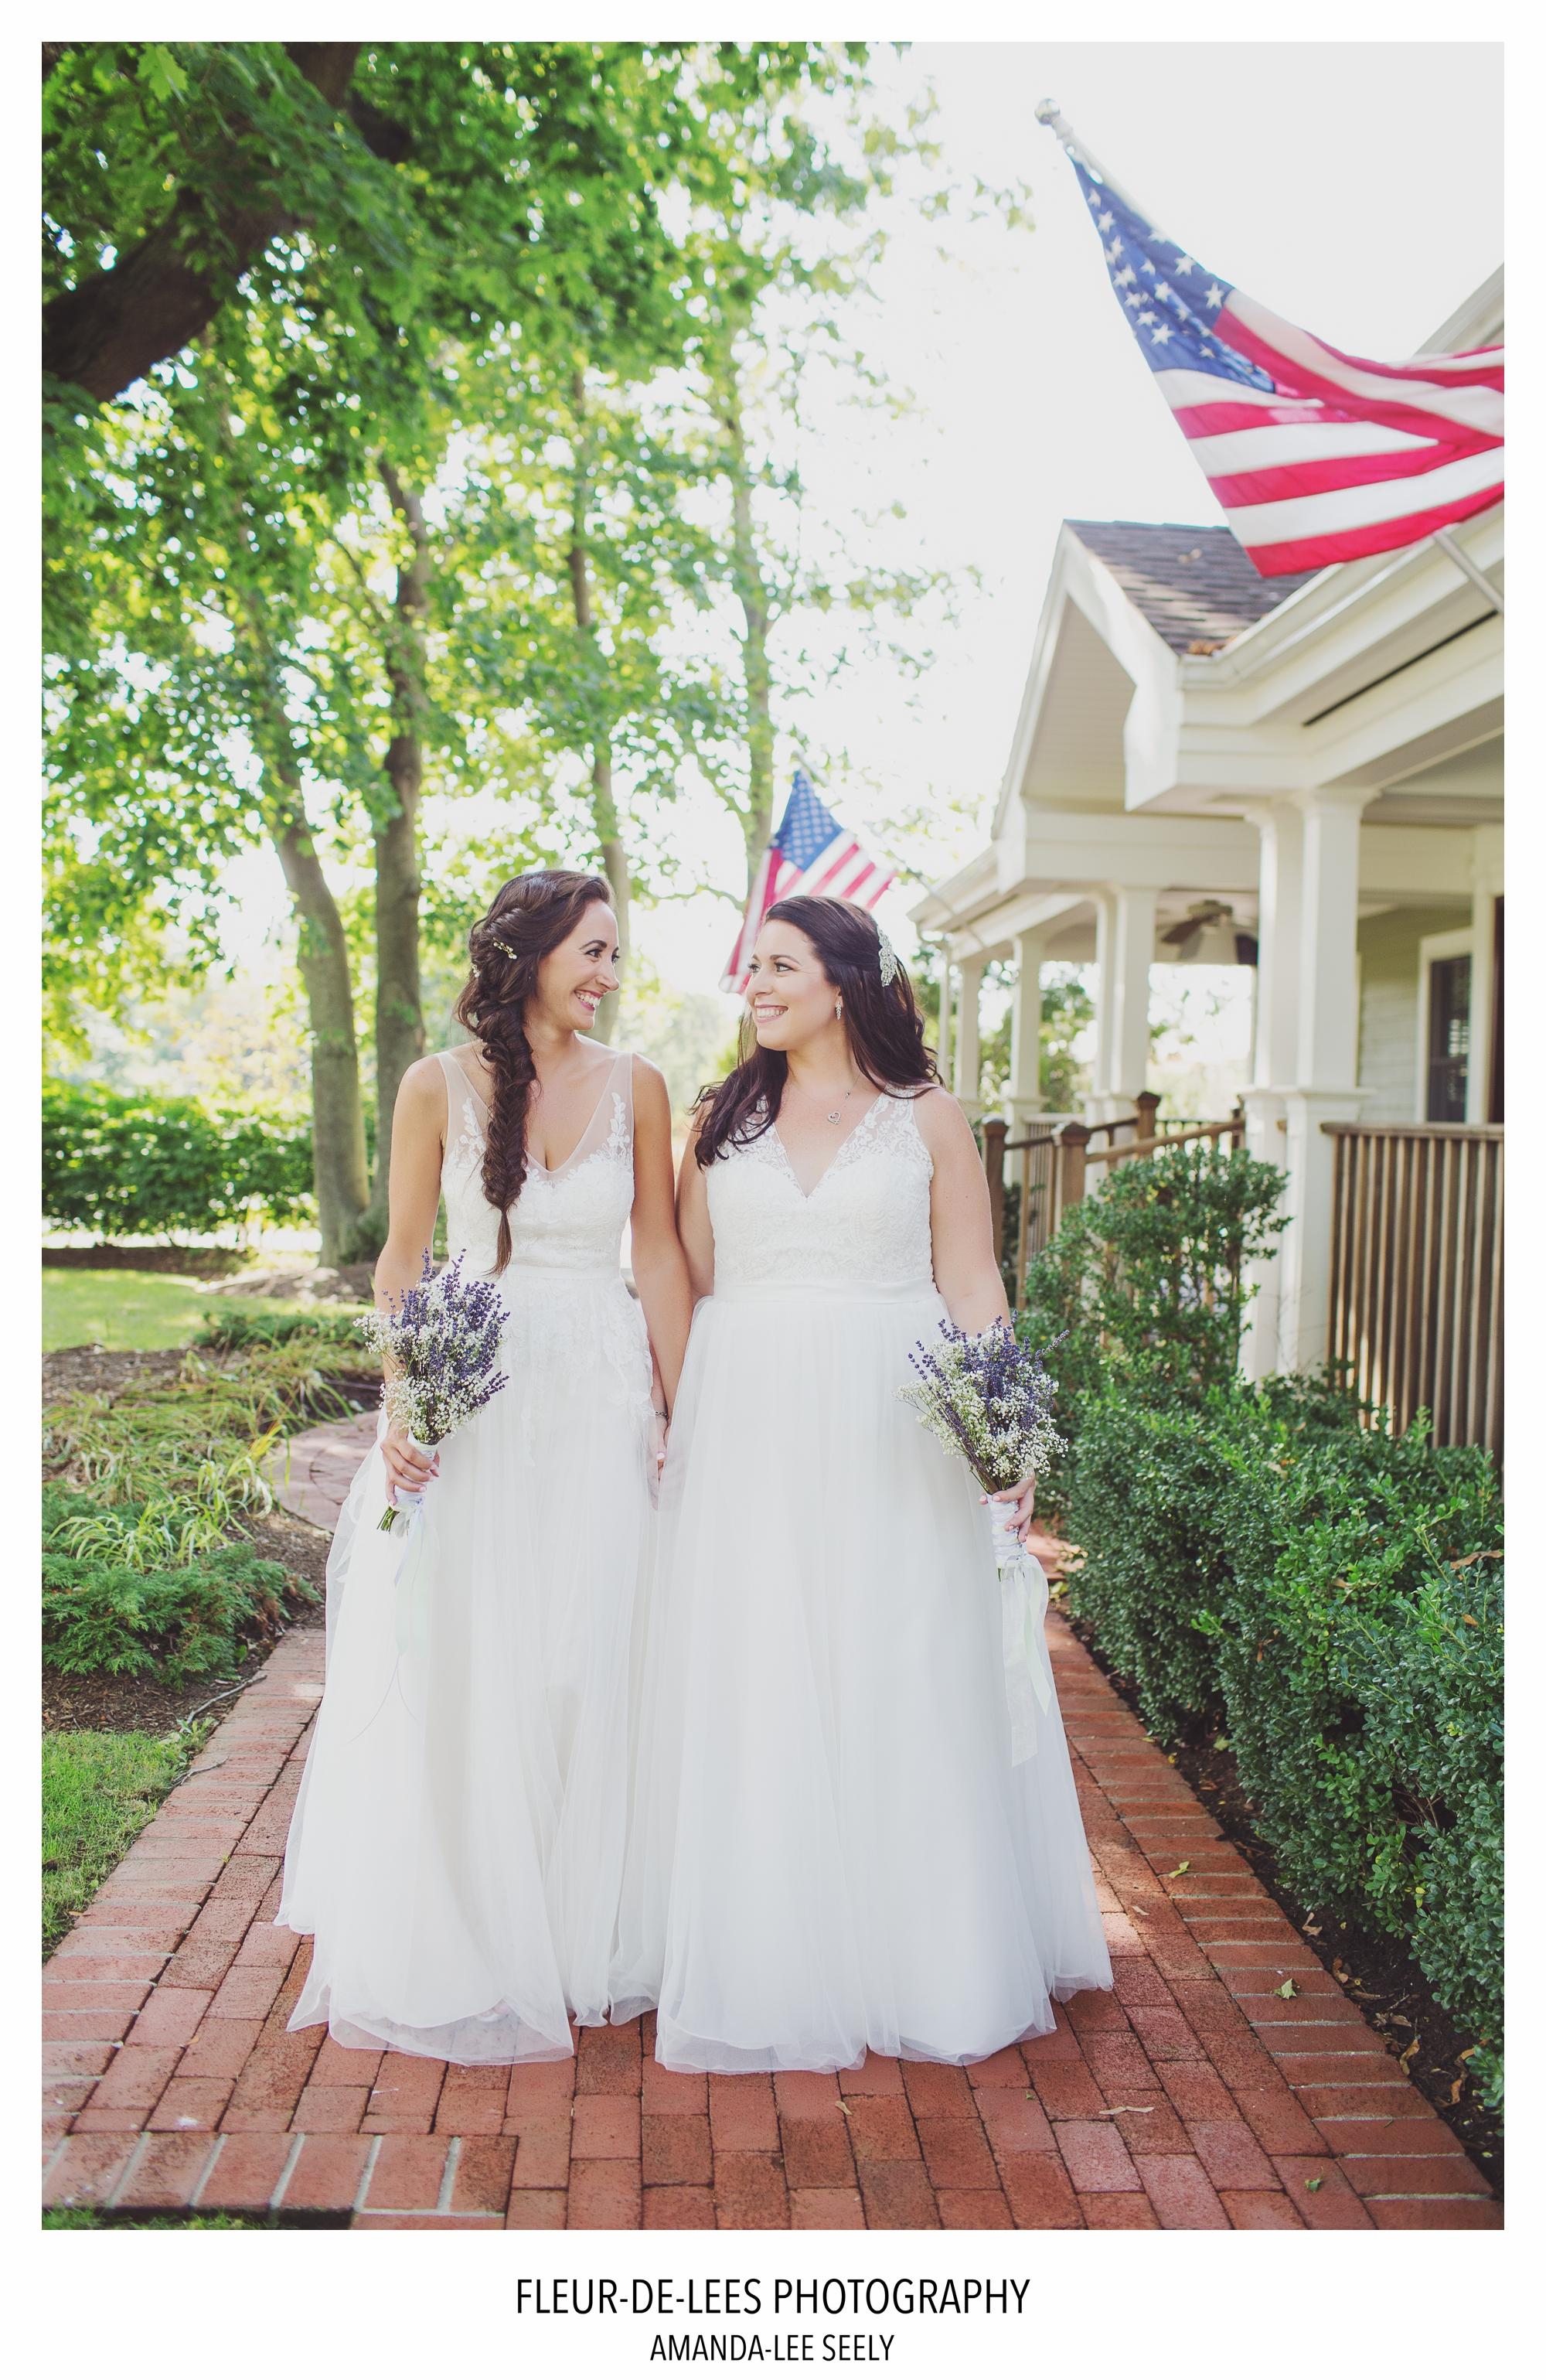 BLOG RACHEL AND AMANDA WEDDING 20